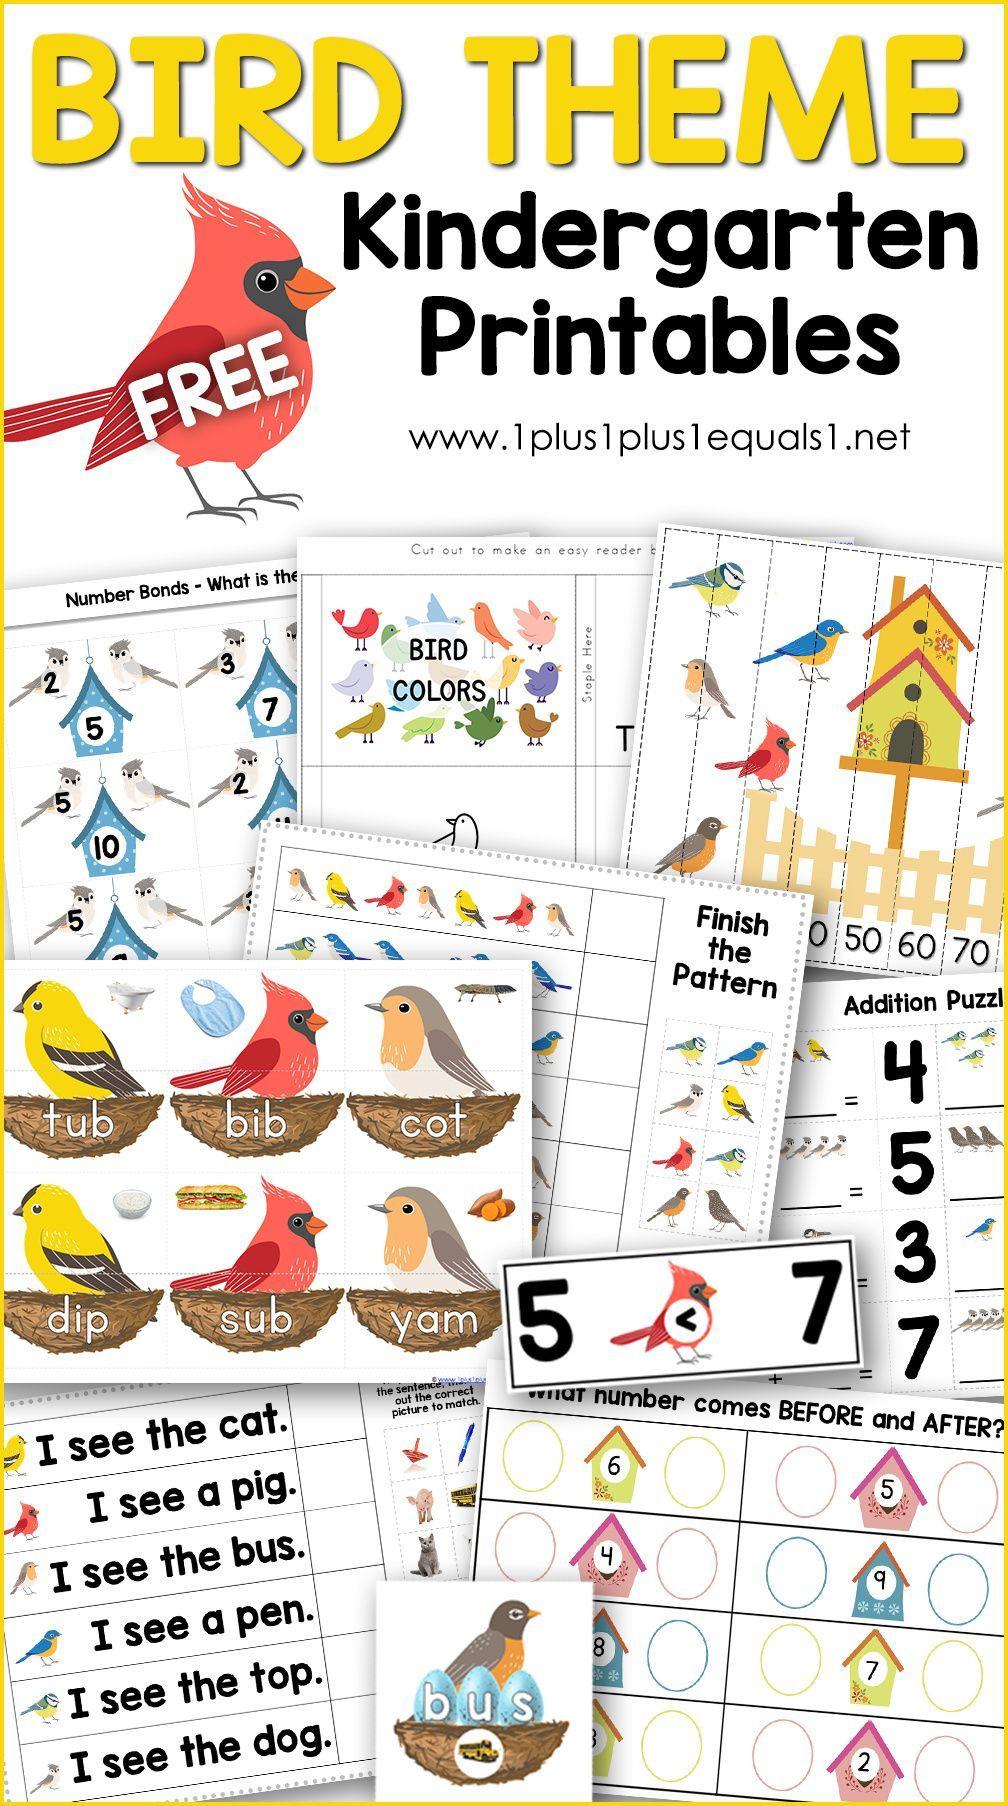 Worksheetfun Free Printable Worksheets Numbers Preschool Preschool Worksheets Color Worksheets [ 1600 x 1080 Pixel ]